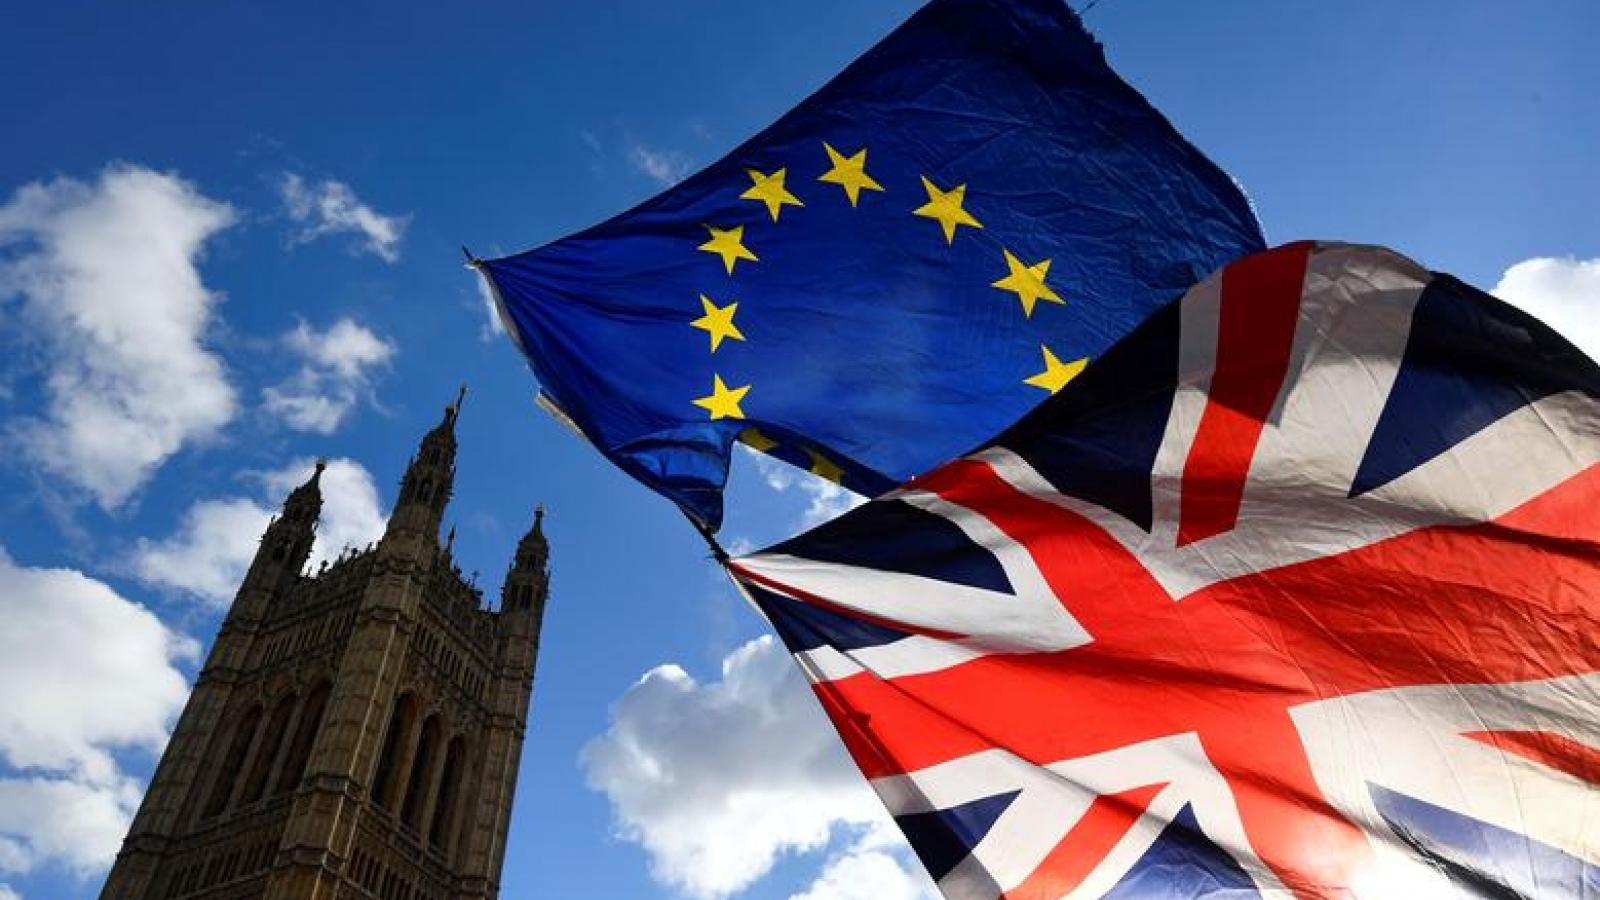 """Nếu không đạt thỏa thuận hậu Brexit, Anh sẵn sàng rời EU theo """"kiểu Australia"""""""